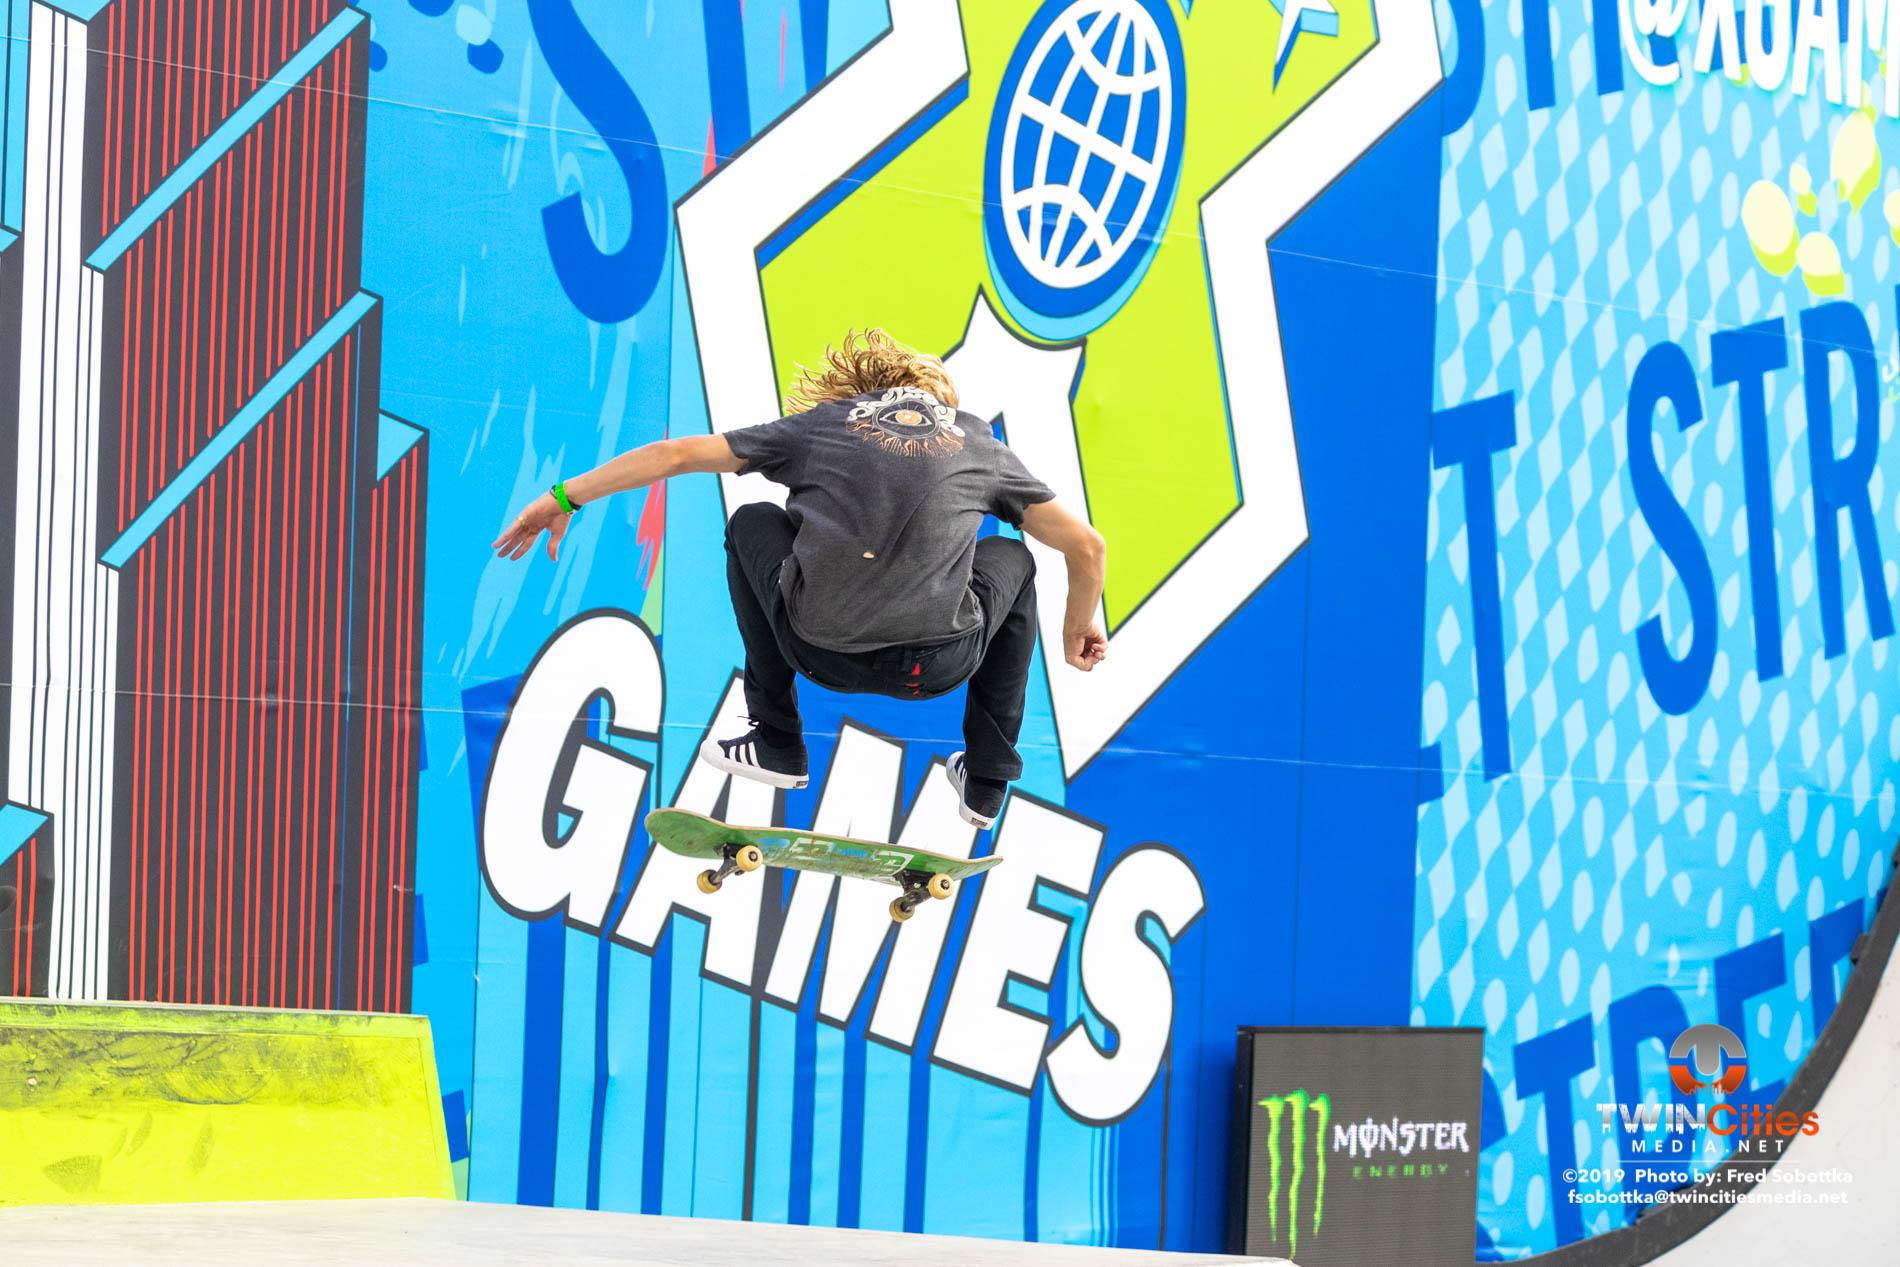 Monster-Energy-Mens-Skateboard-Street-Elimination-01